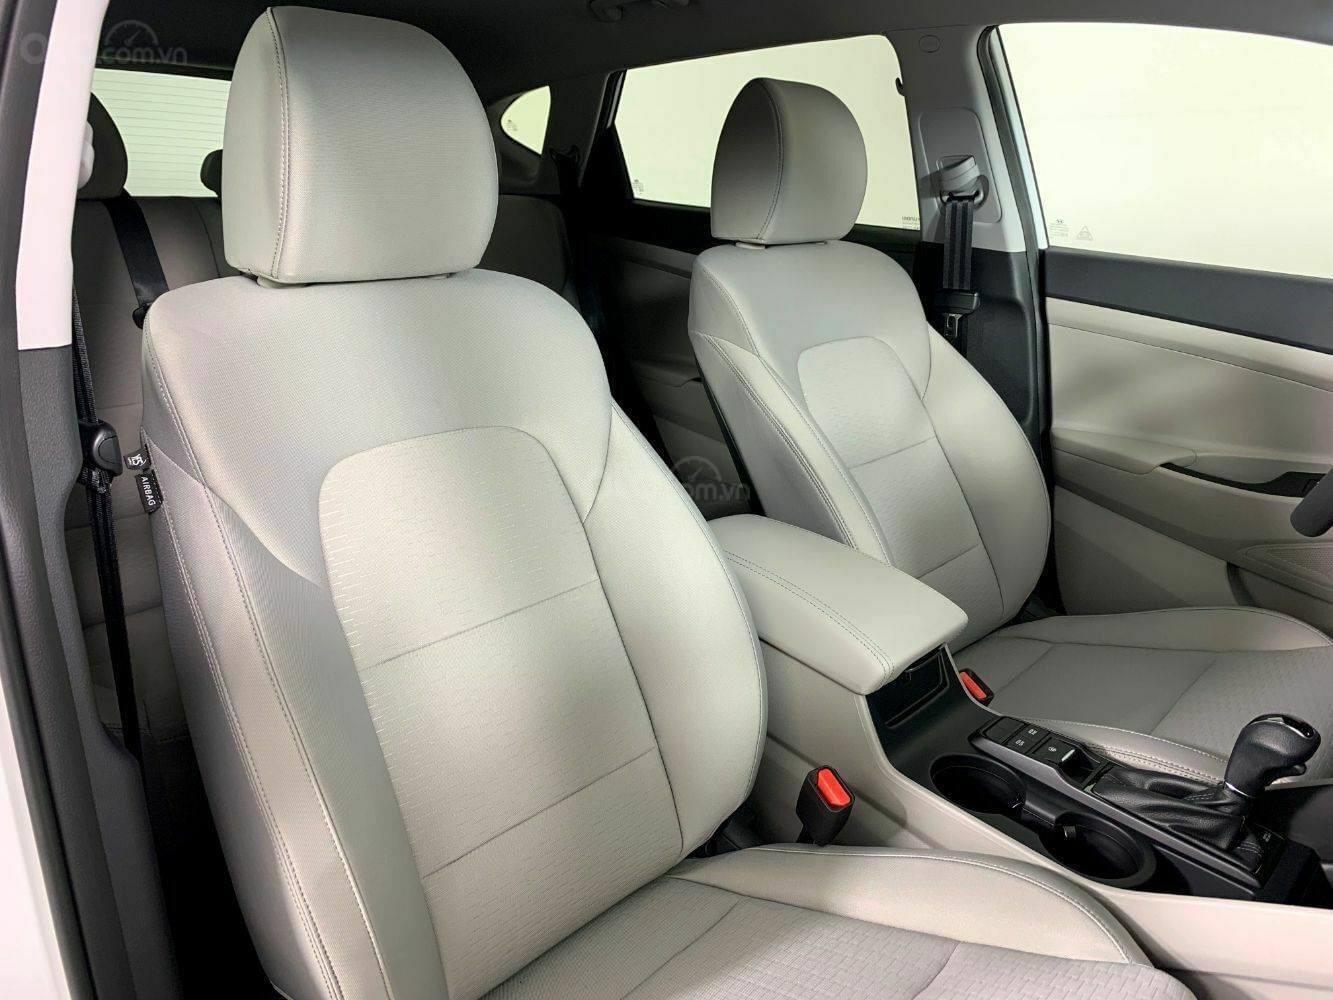 [TPHCM] Hyundai Tucson sẵn kho, đủ màu, hỗ trợ vay lên đến 85%+ chương trình khuyến mãi hấp dẫn (11)